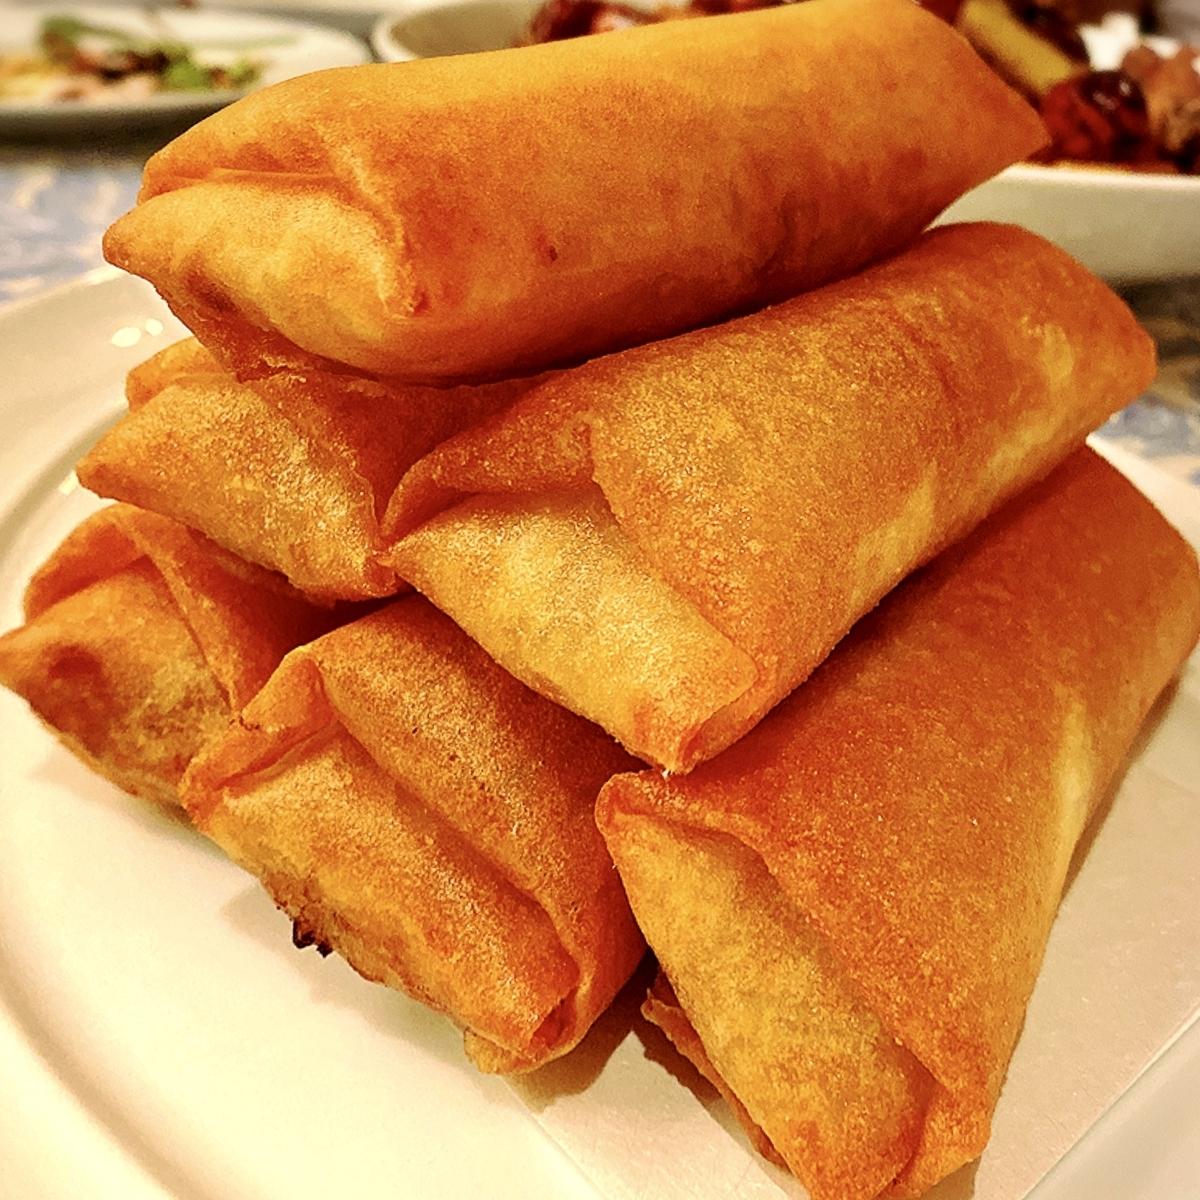 【赤坂・六本木】朝食からディナーまで楽しめる本格中華料理屋